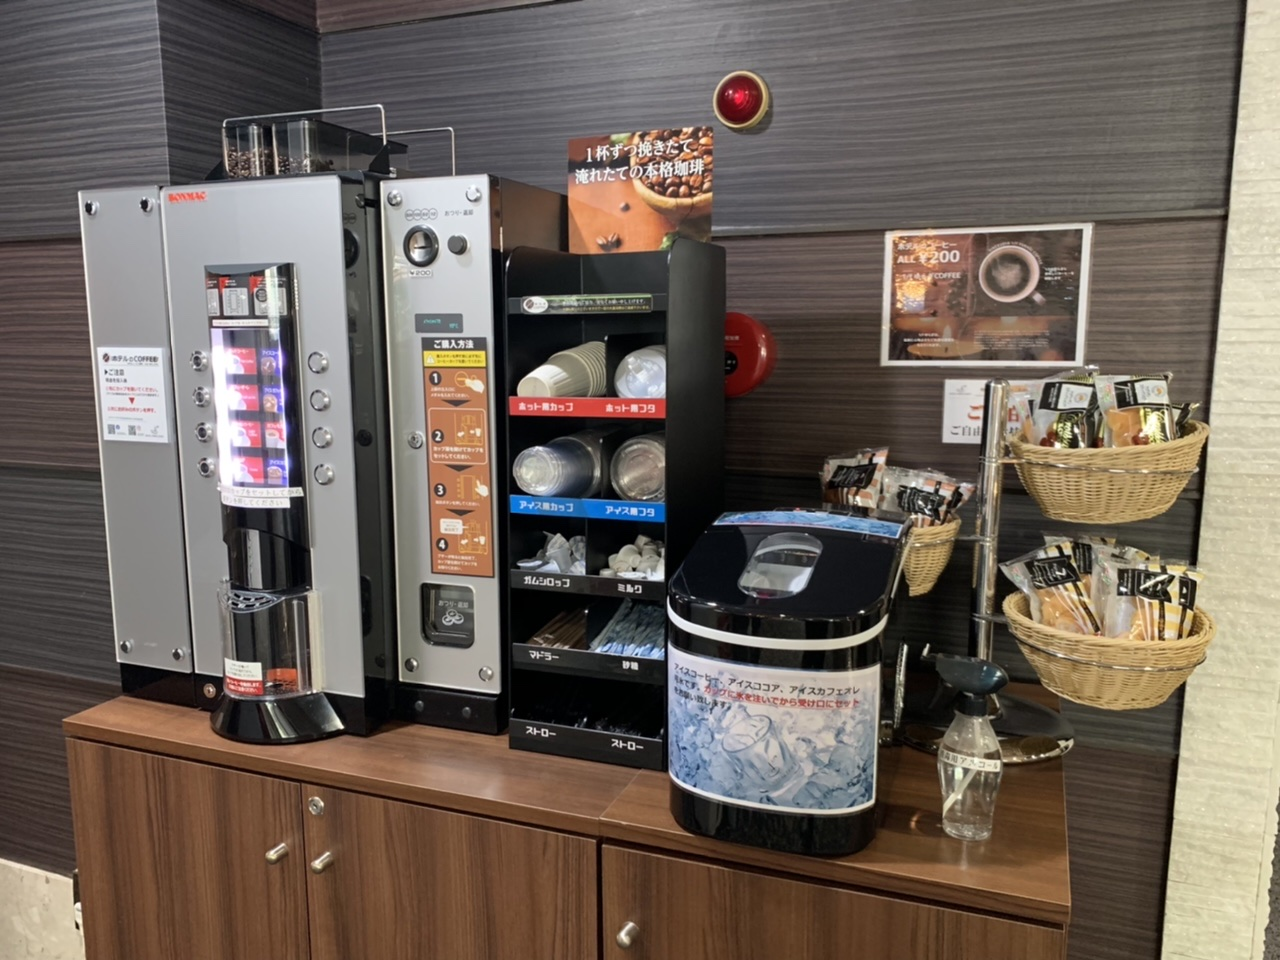 新しく導入したというコーヒーマシンです